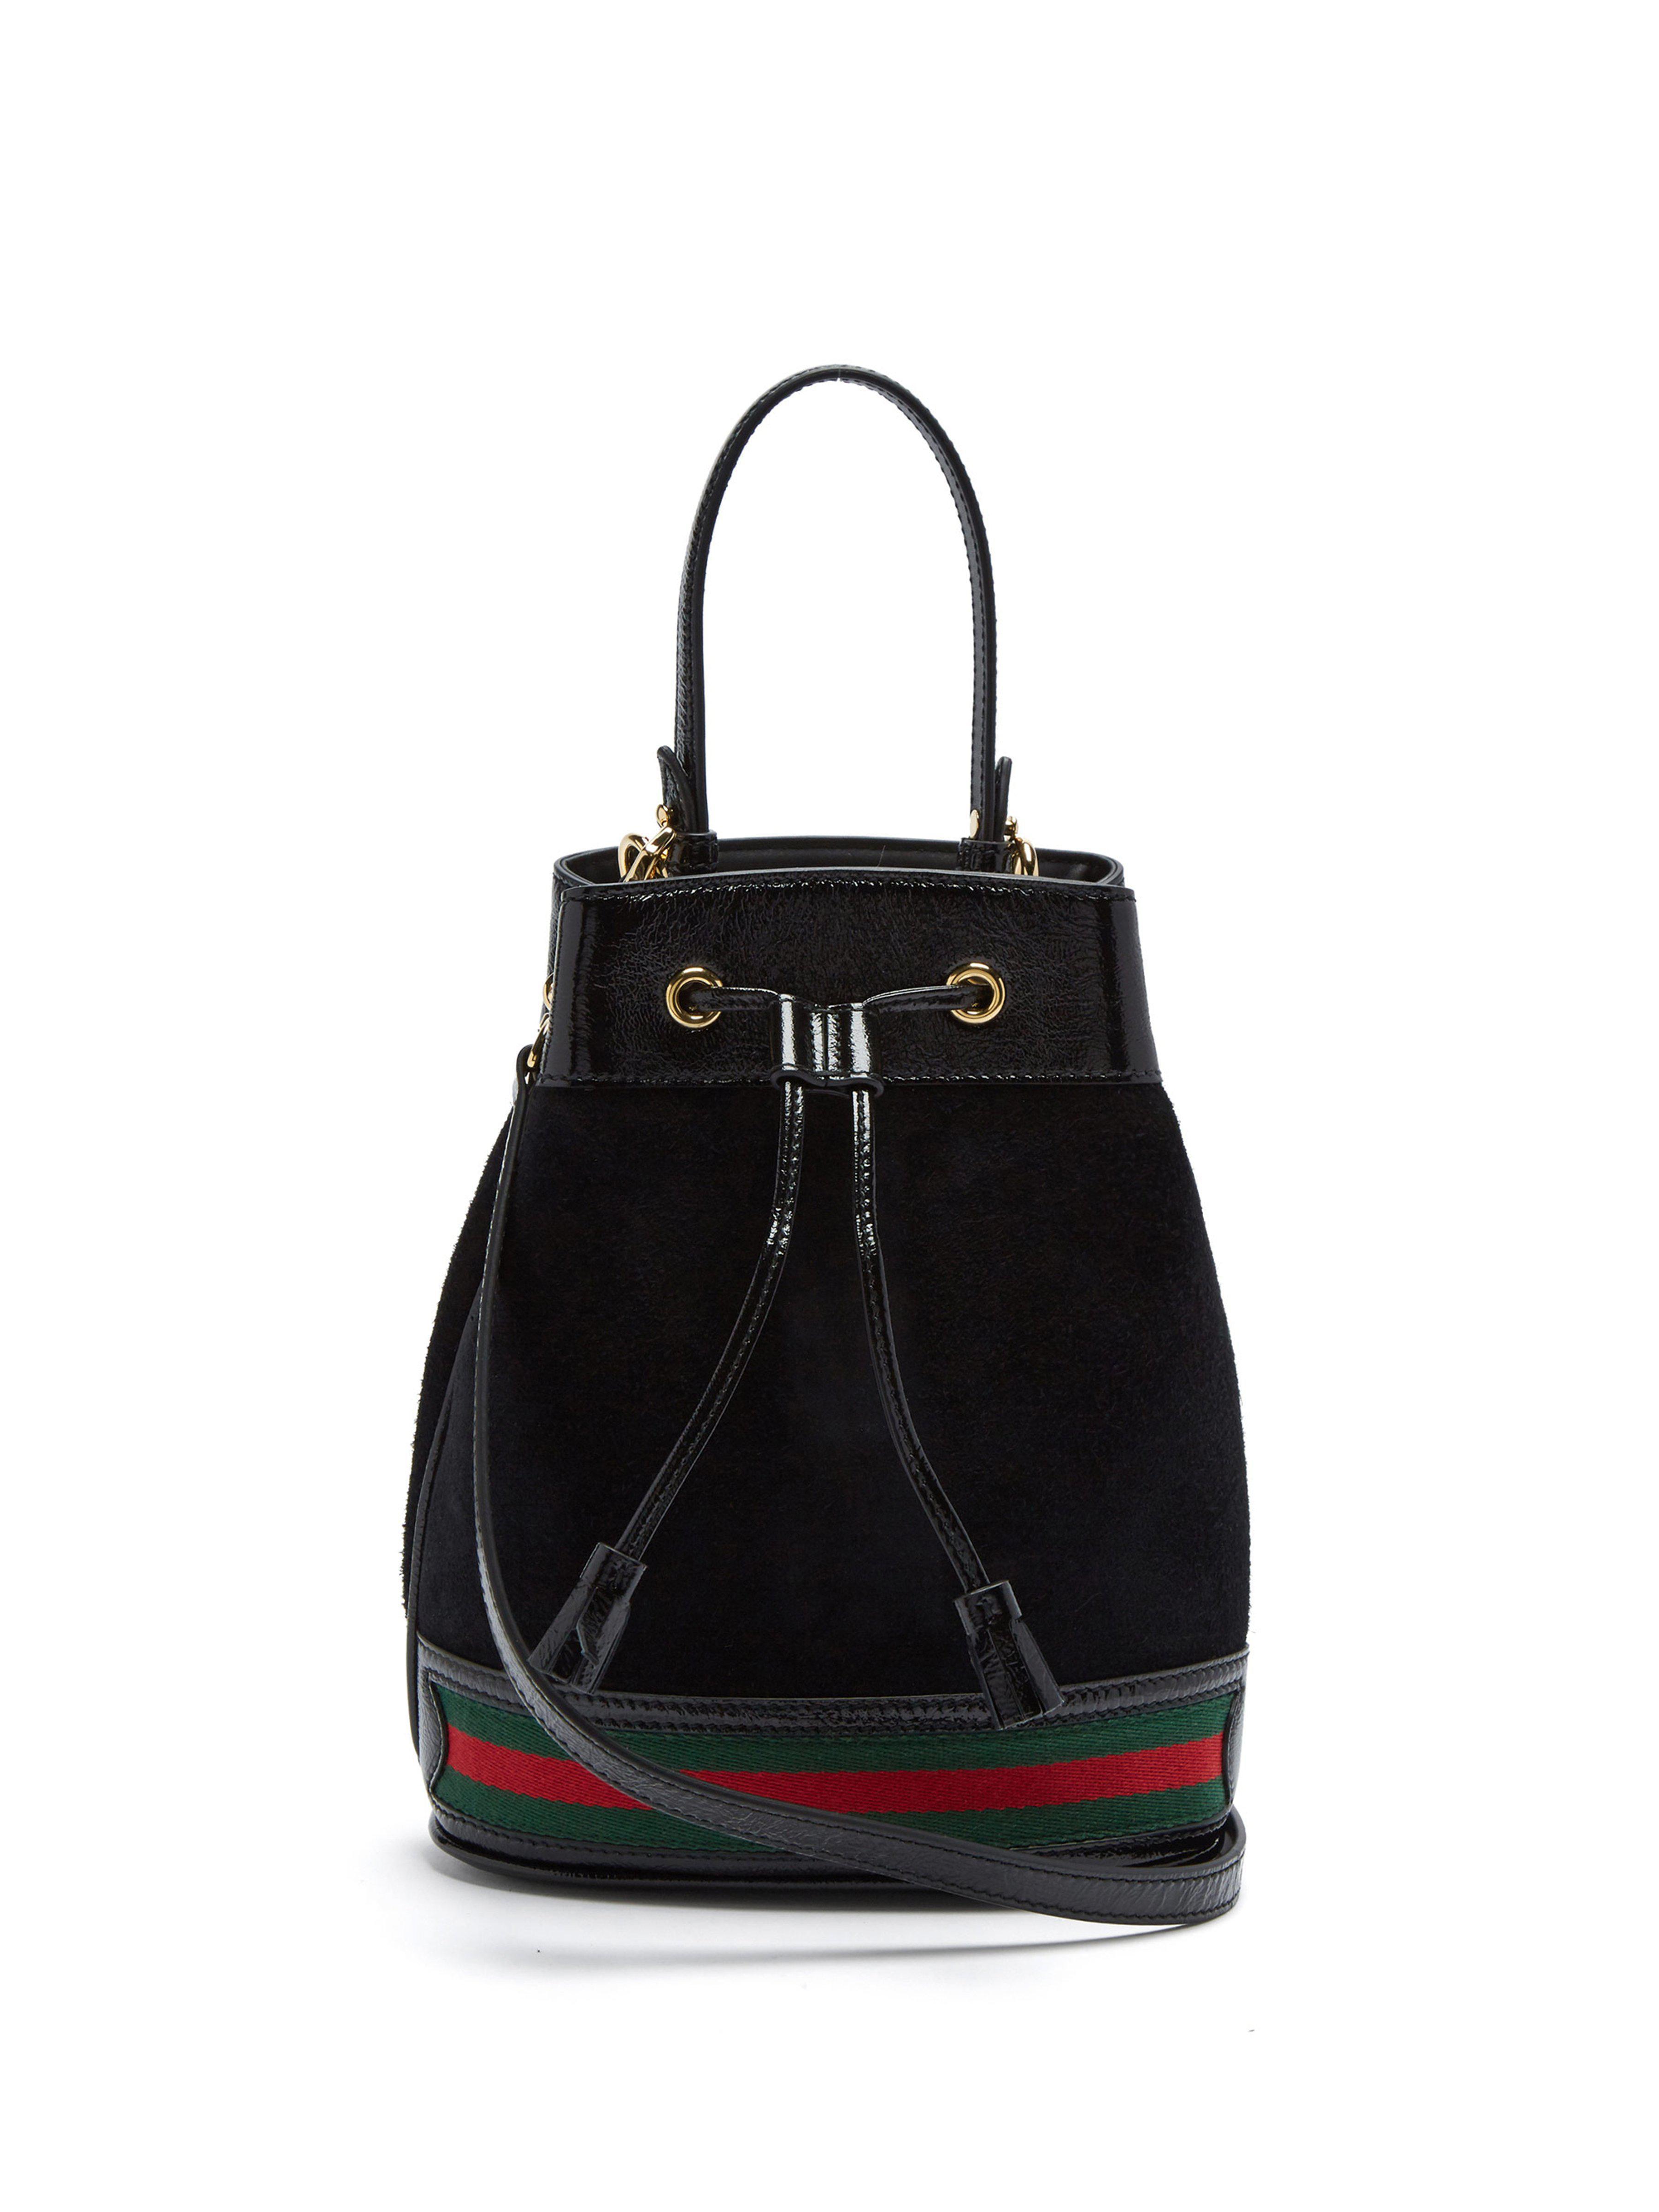 fff6afc6ba8c Gucci Ophidia Suede Bucket Bag in Black - Lyst